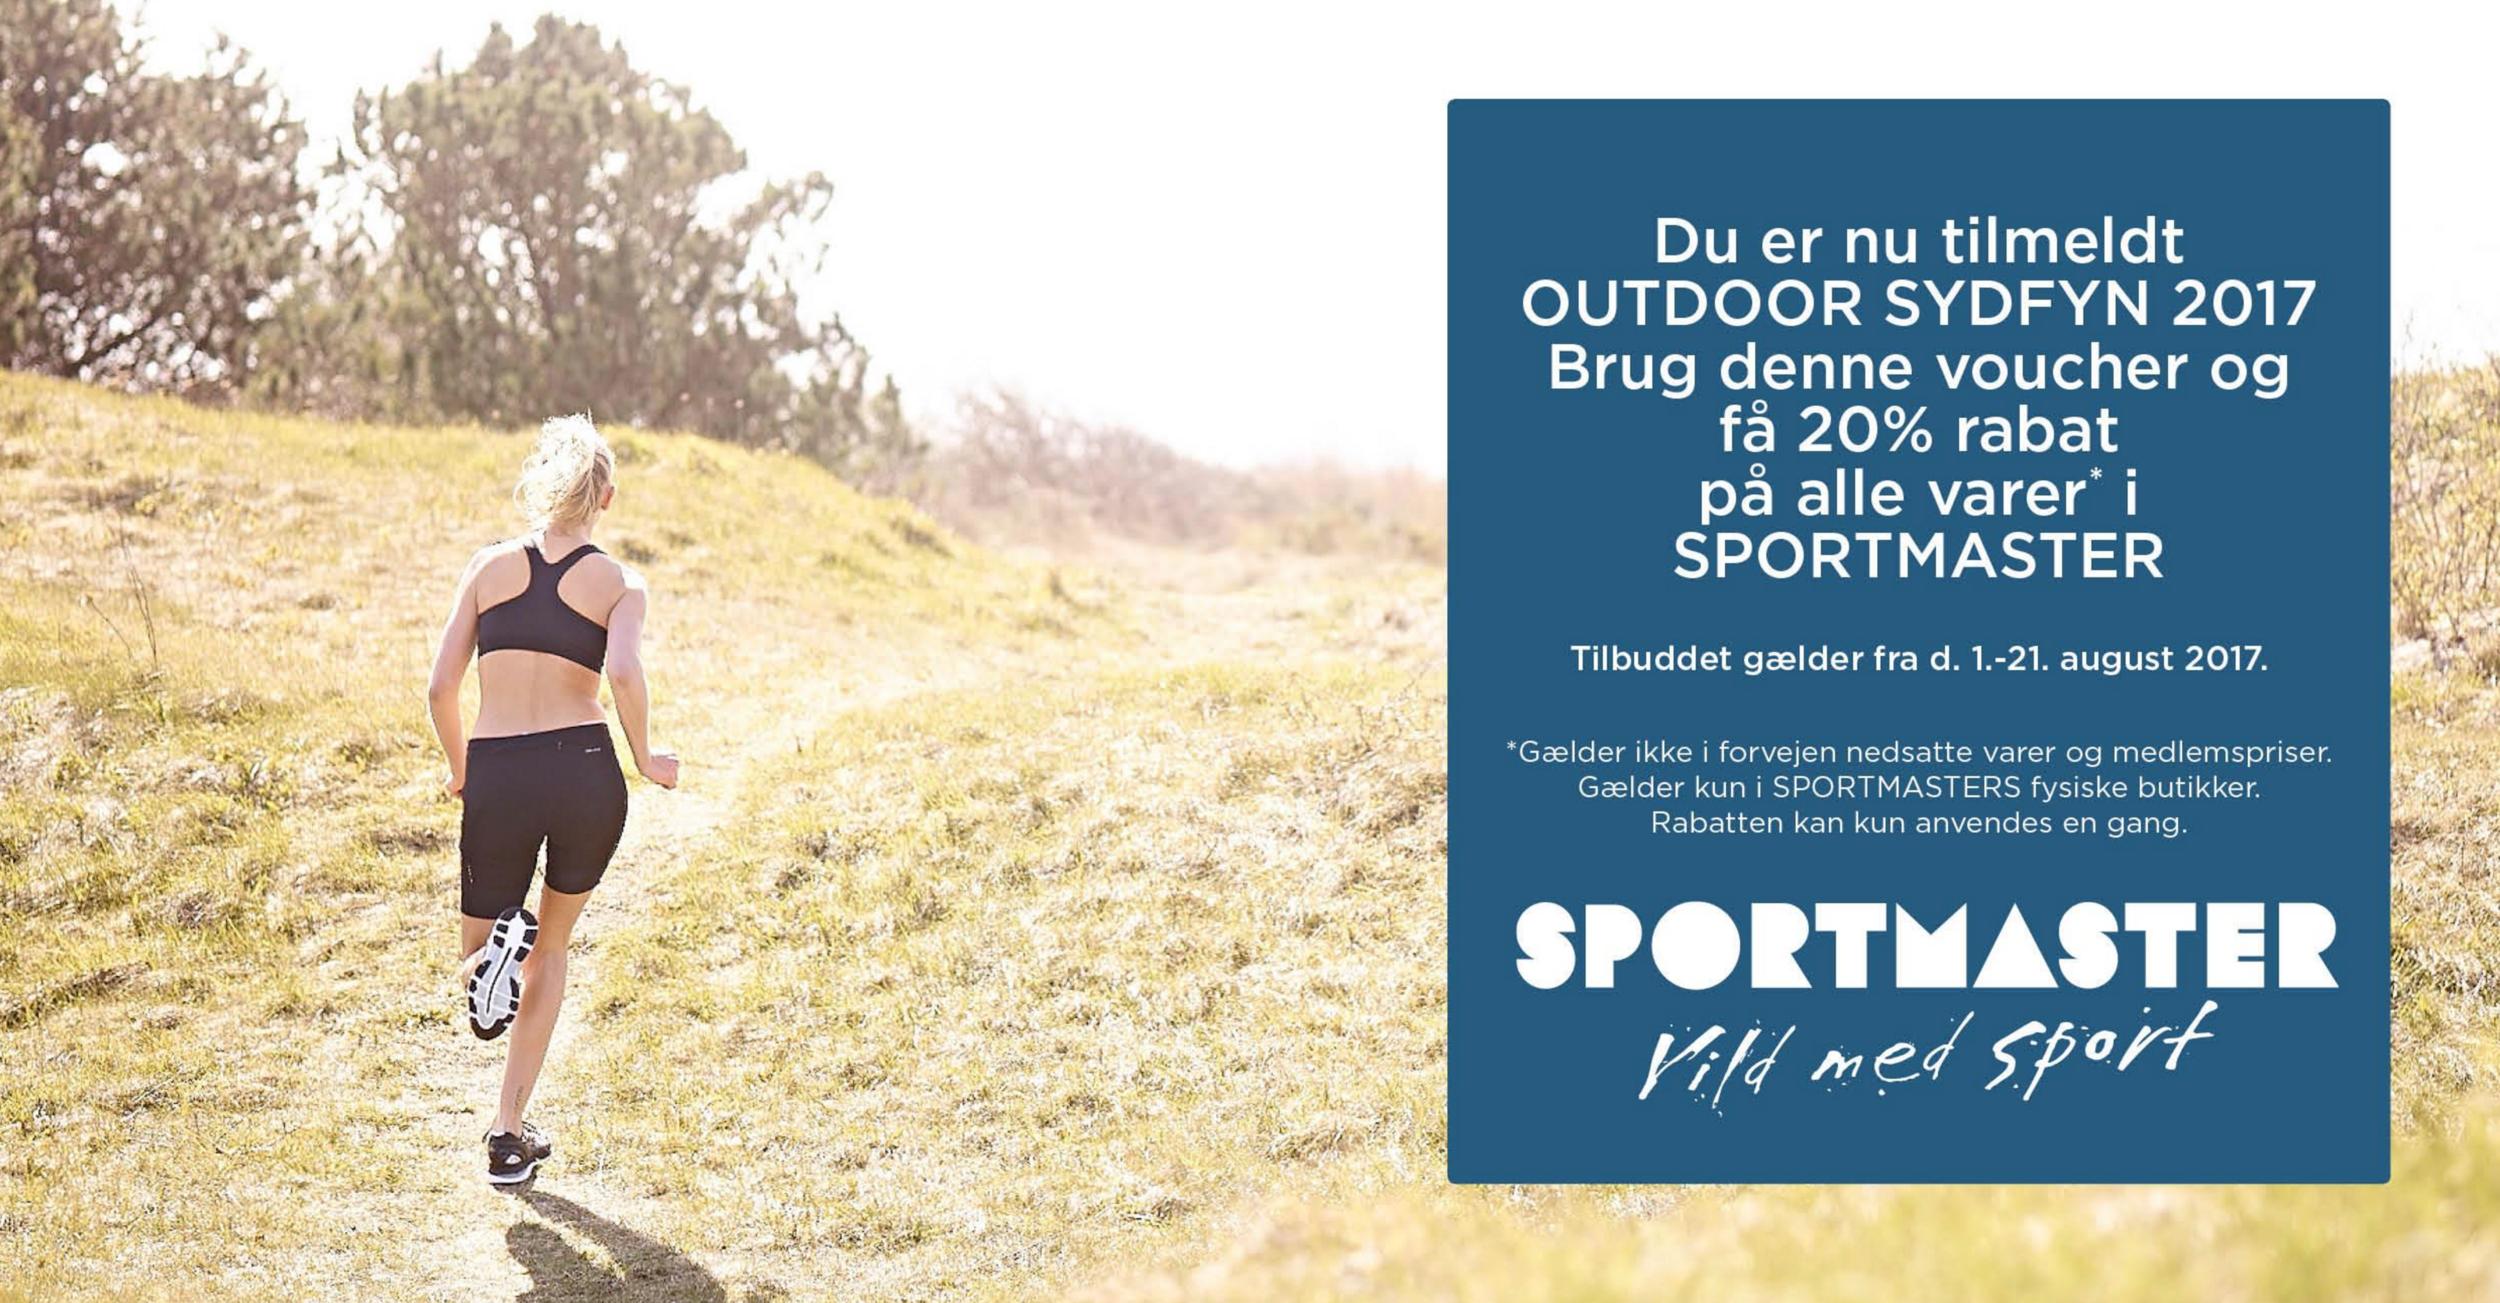 sportmaster2017.jpg